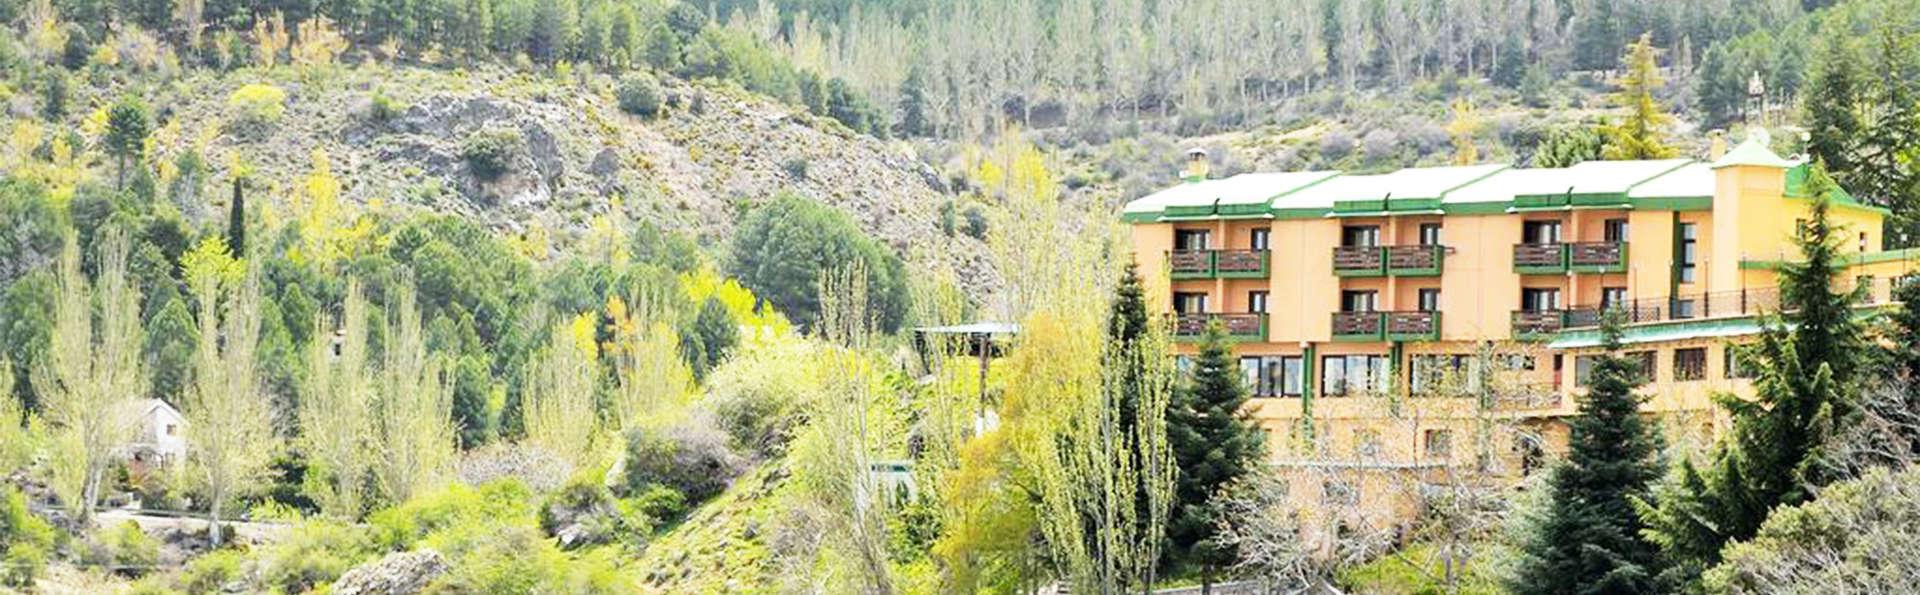 Hotel El Guerra - EDIT_ext1.jpg